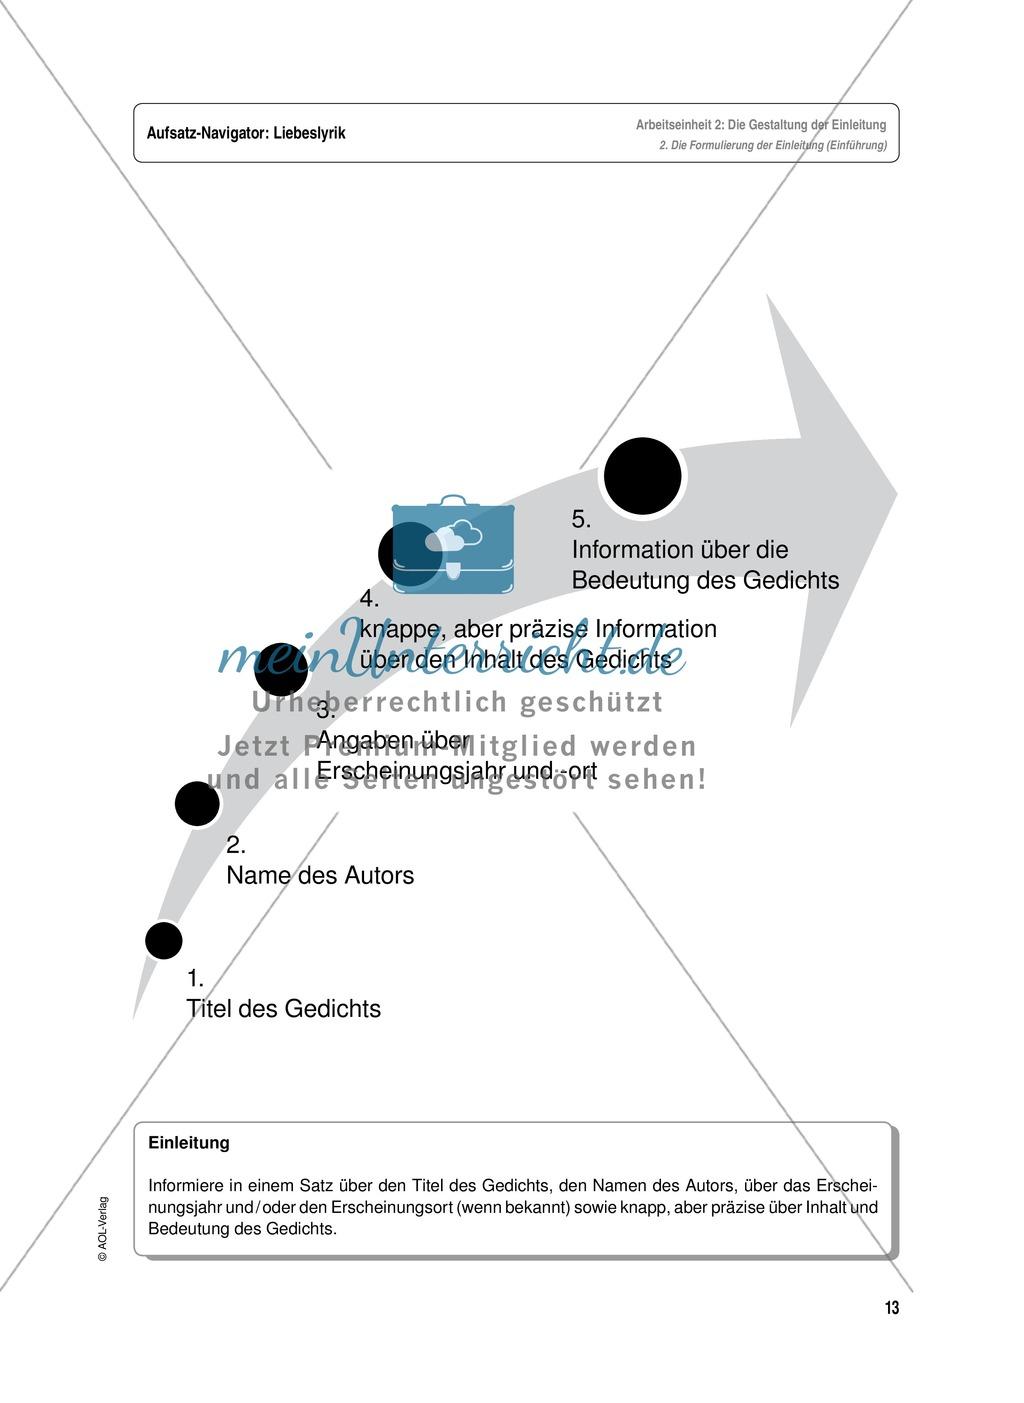 Arbeitseinheit zur Gestaltung einer Analyse / Interpretation von Liebeslyrik - Die Gestaltung der Einleitung Preview 2